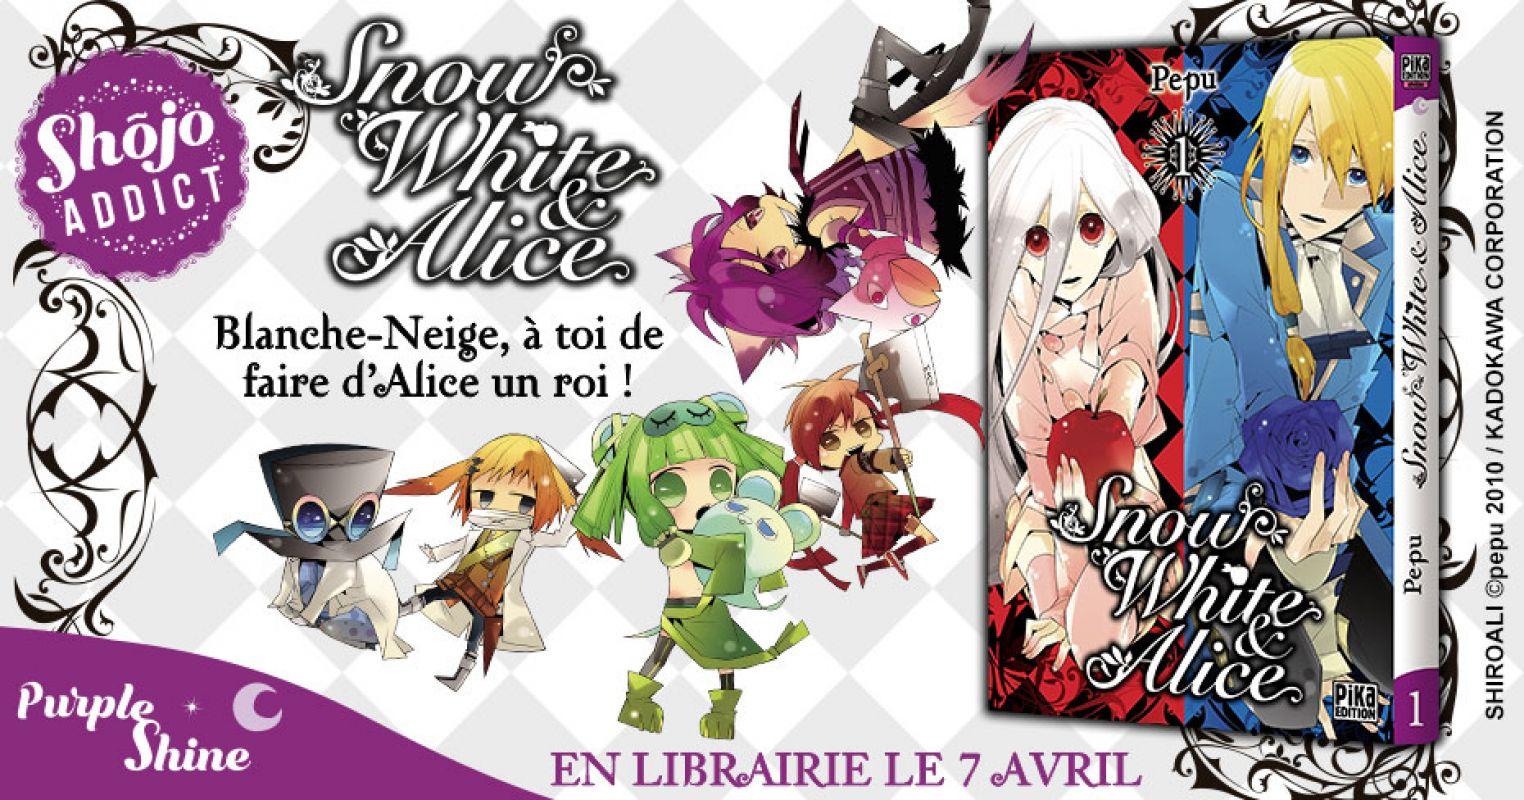 Découvrez les premières pages de Snow White & Alice en ligne !